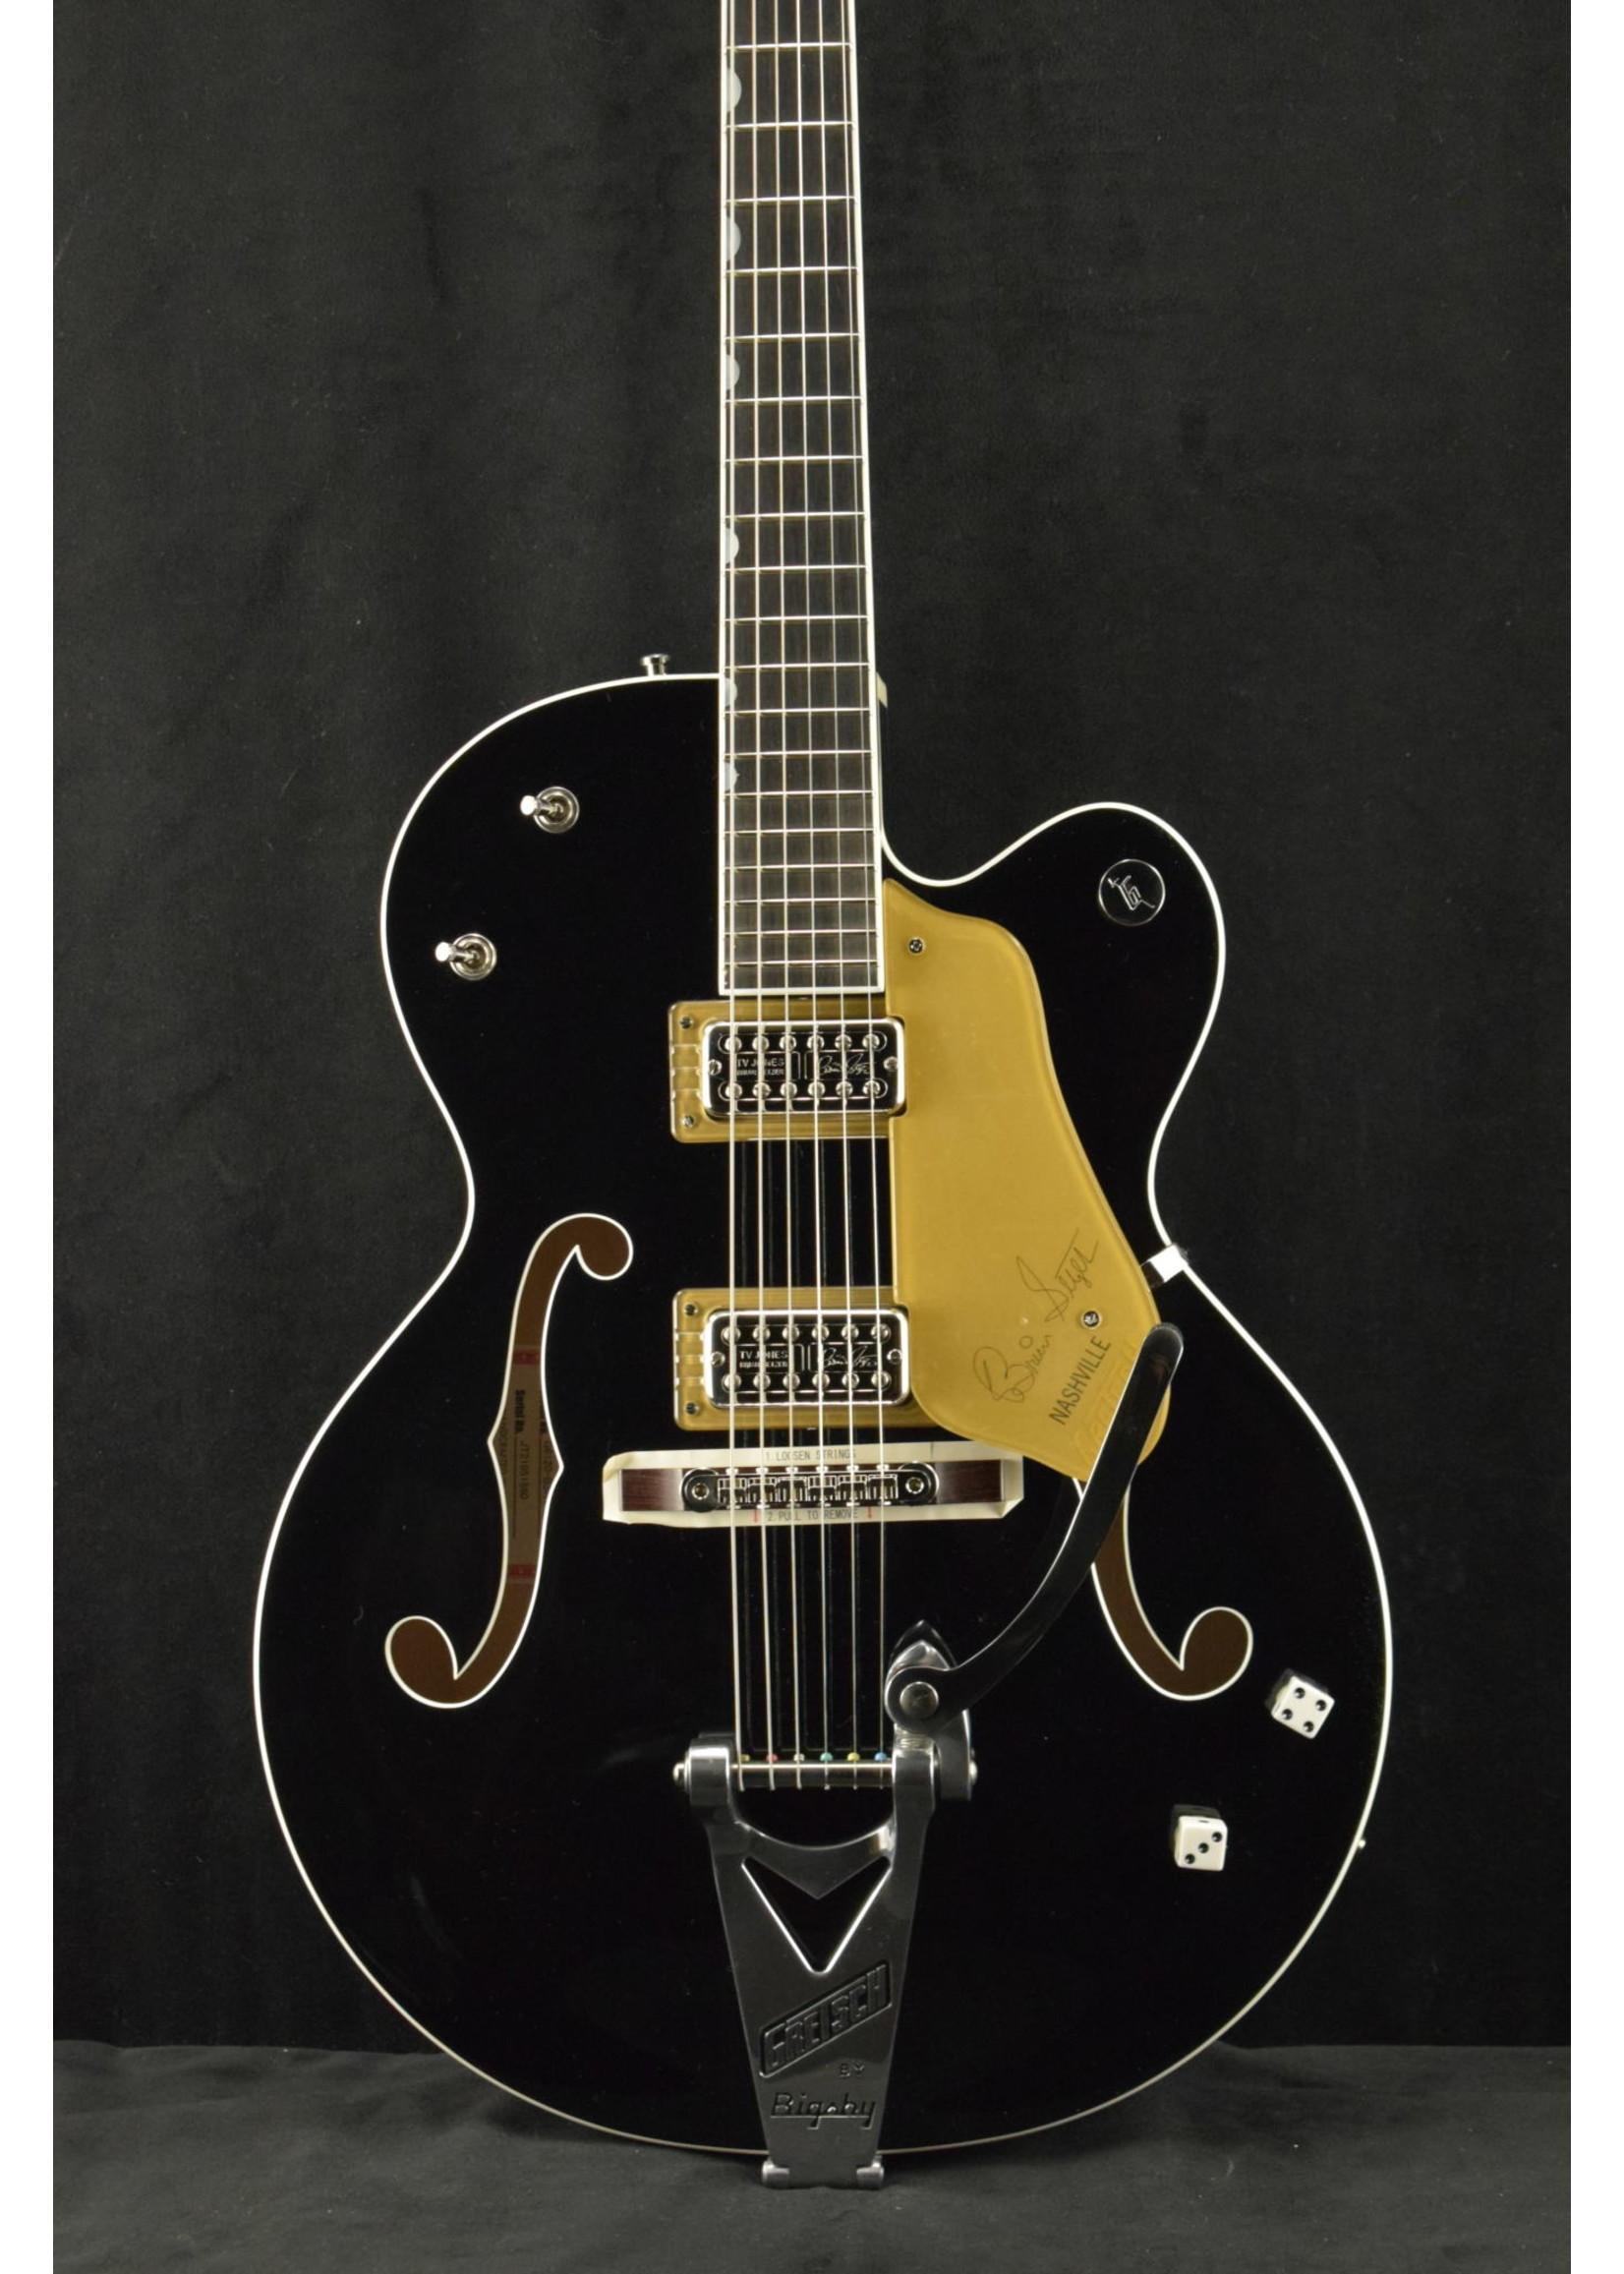 Gretsch Gretsch G6120T-BSNSH Brian Setzer Signature Nashville with Bigsby Black Lacquer